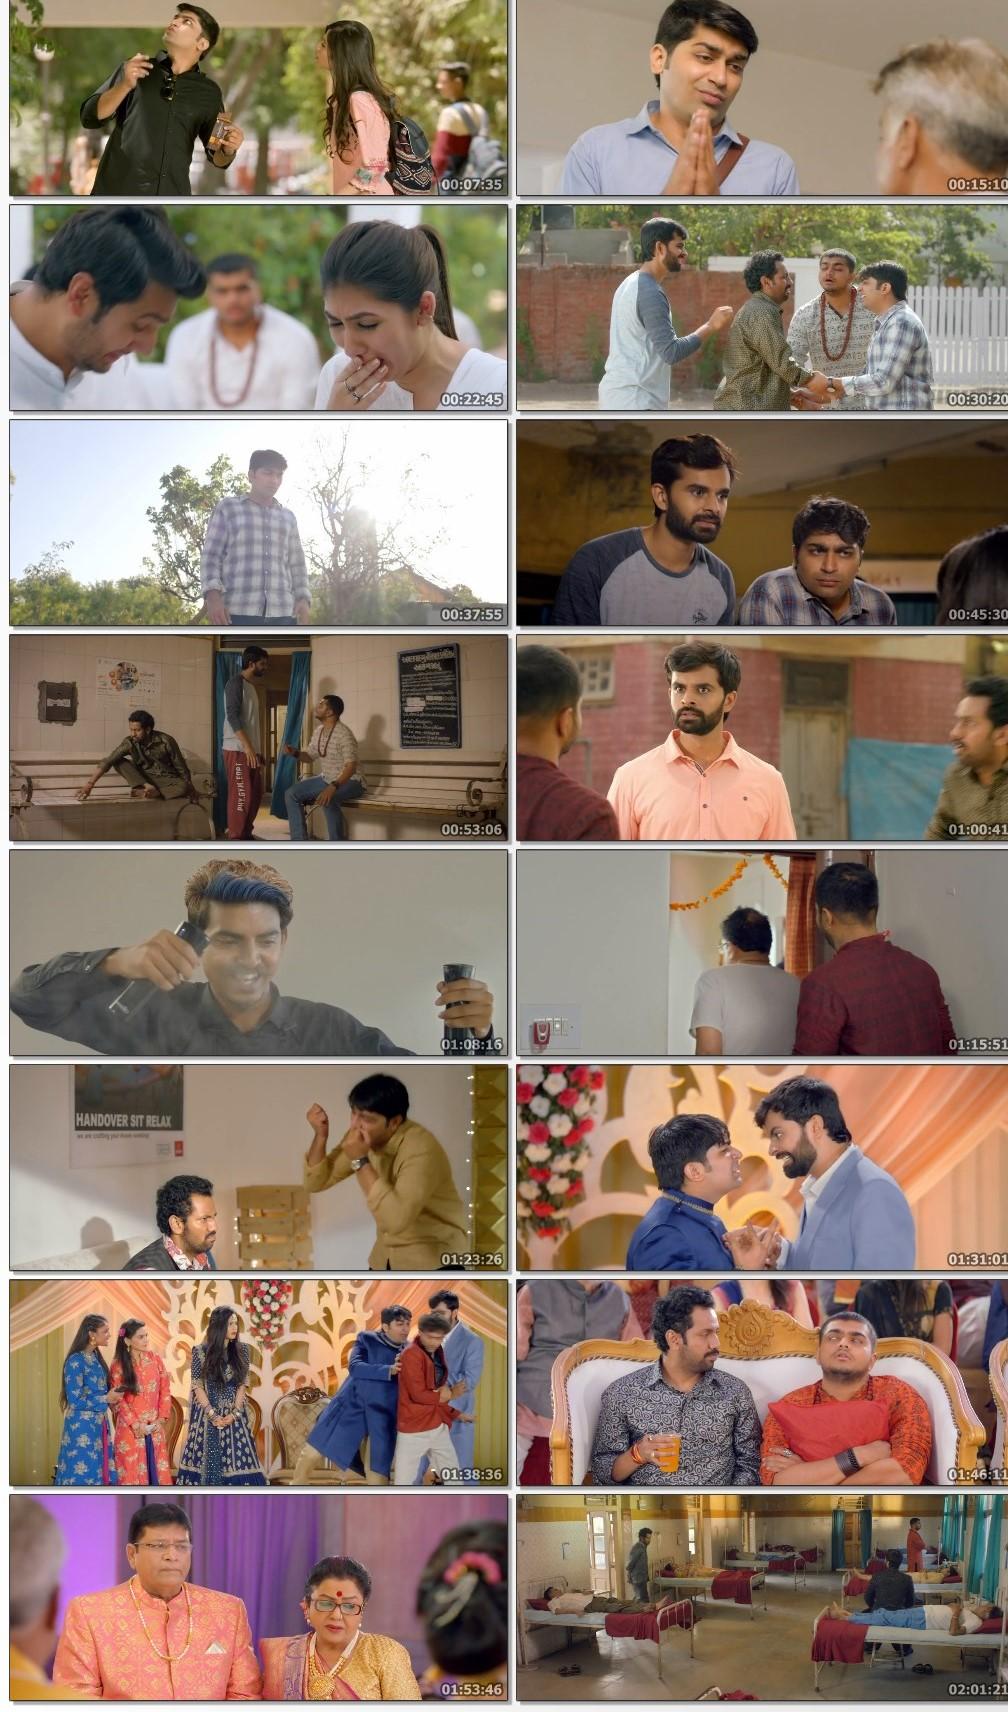 Shu-Thayu-2018-l-Gujarati-720p-HDRip-ESub-1-1-GB-mkv-thumbsb0d633635f014e74